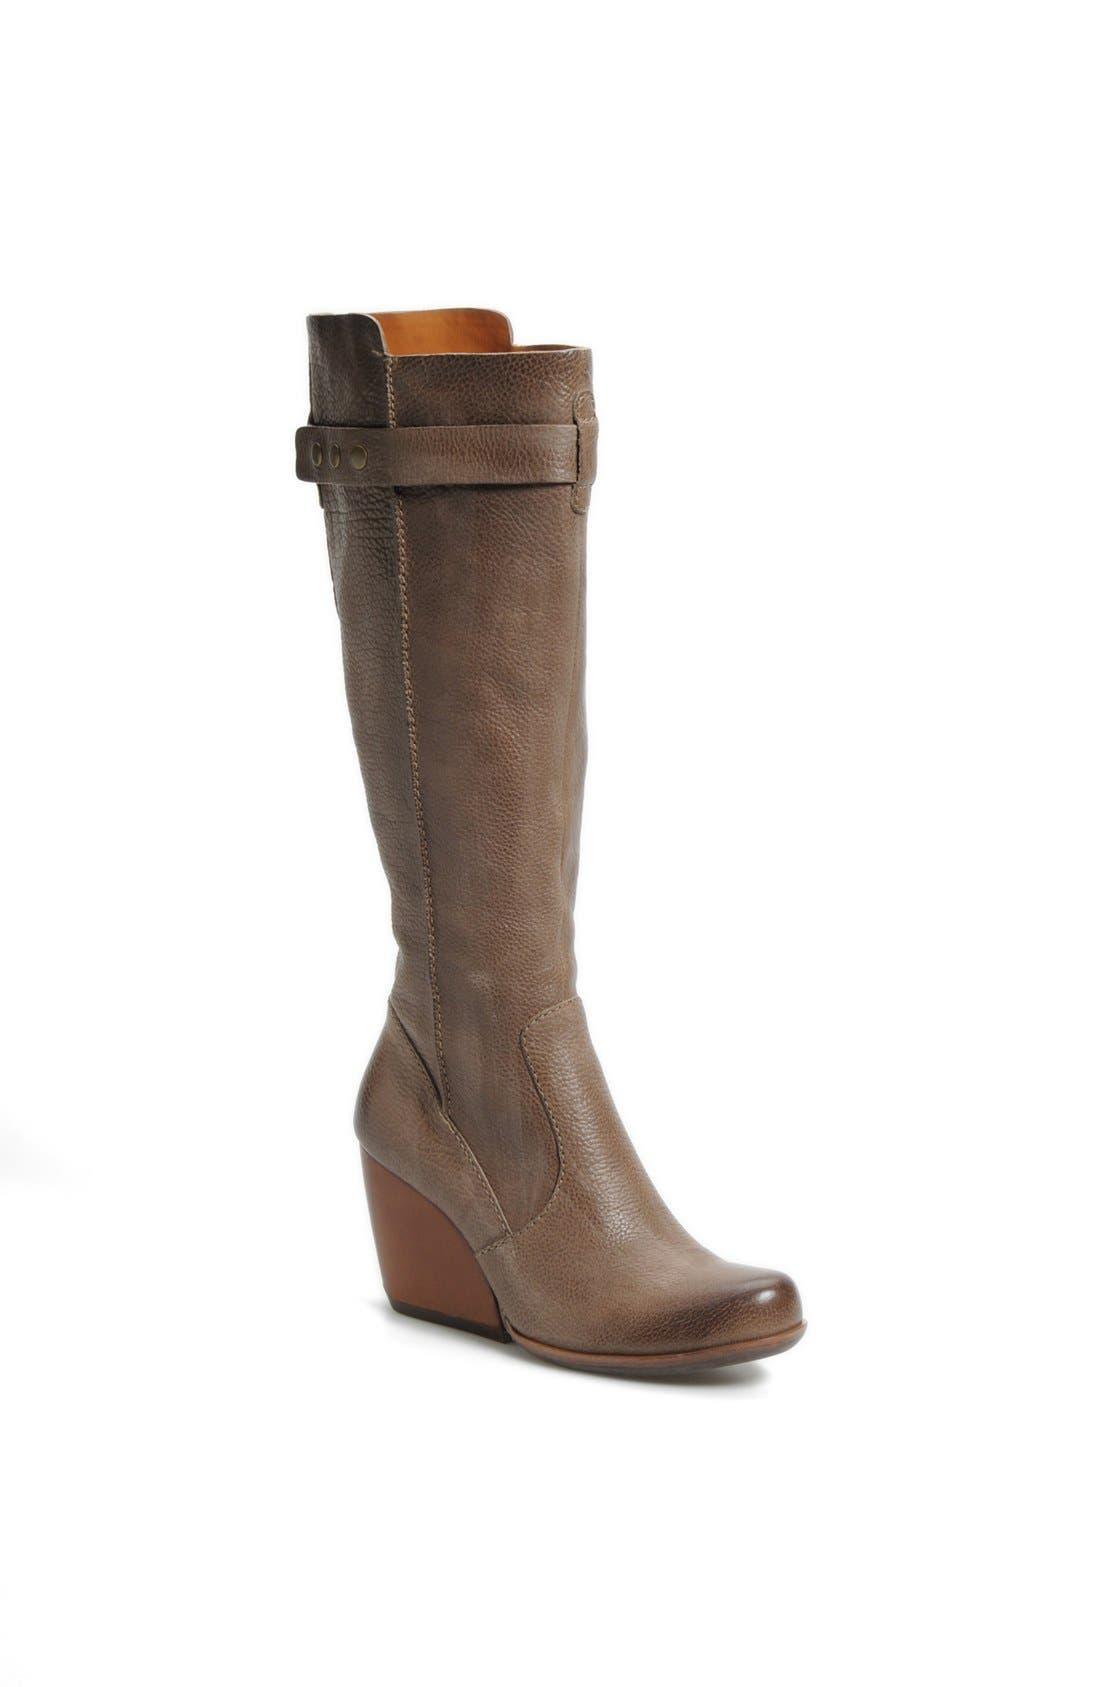 Alternate Image 1 Selected - Kork-Ease™ 'Shawna' Boot (Women)